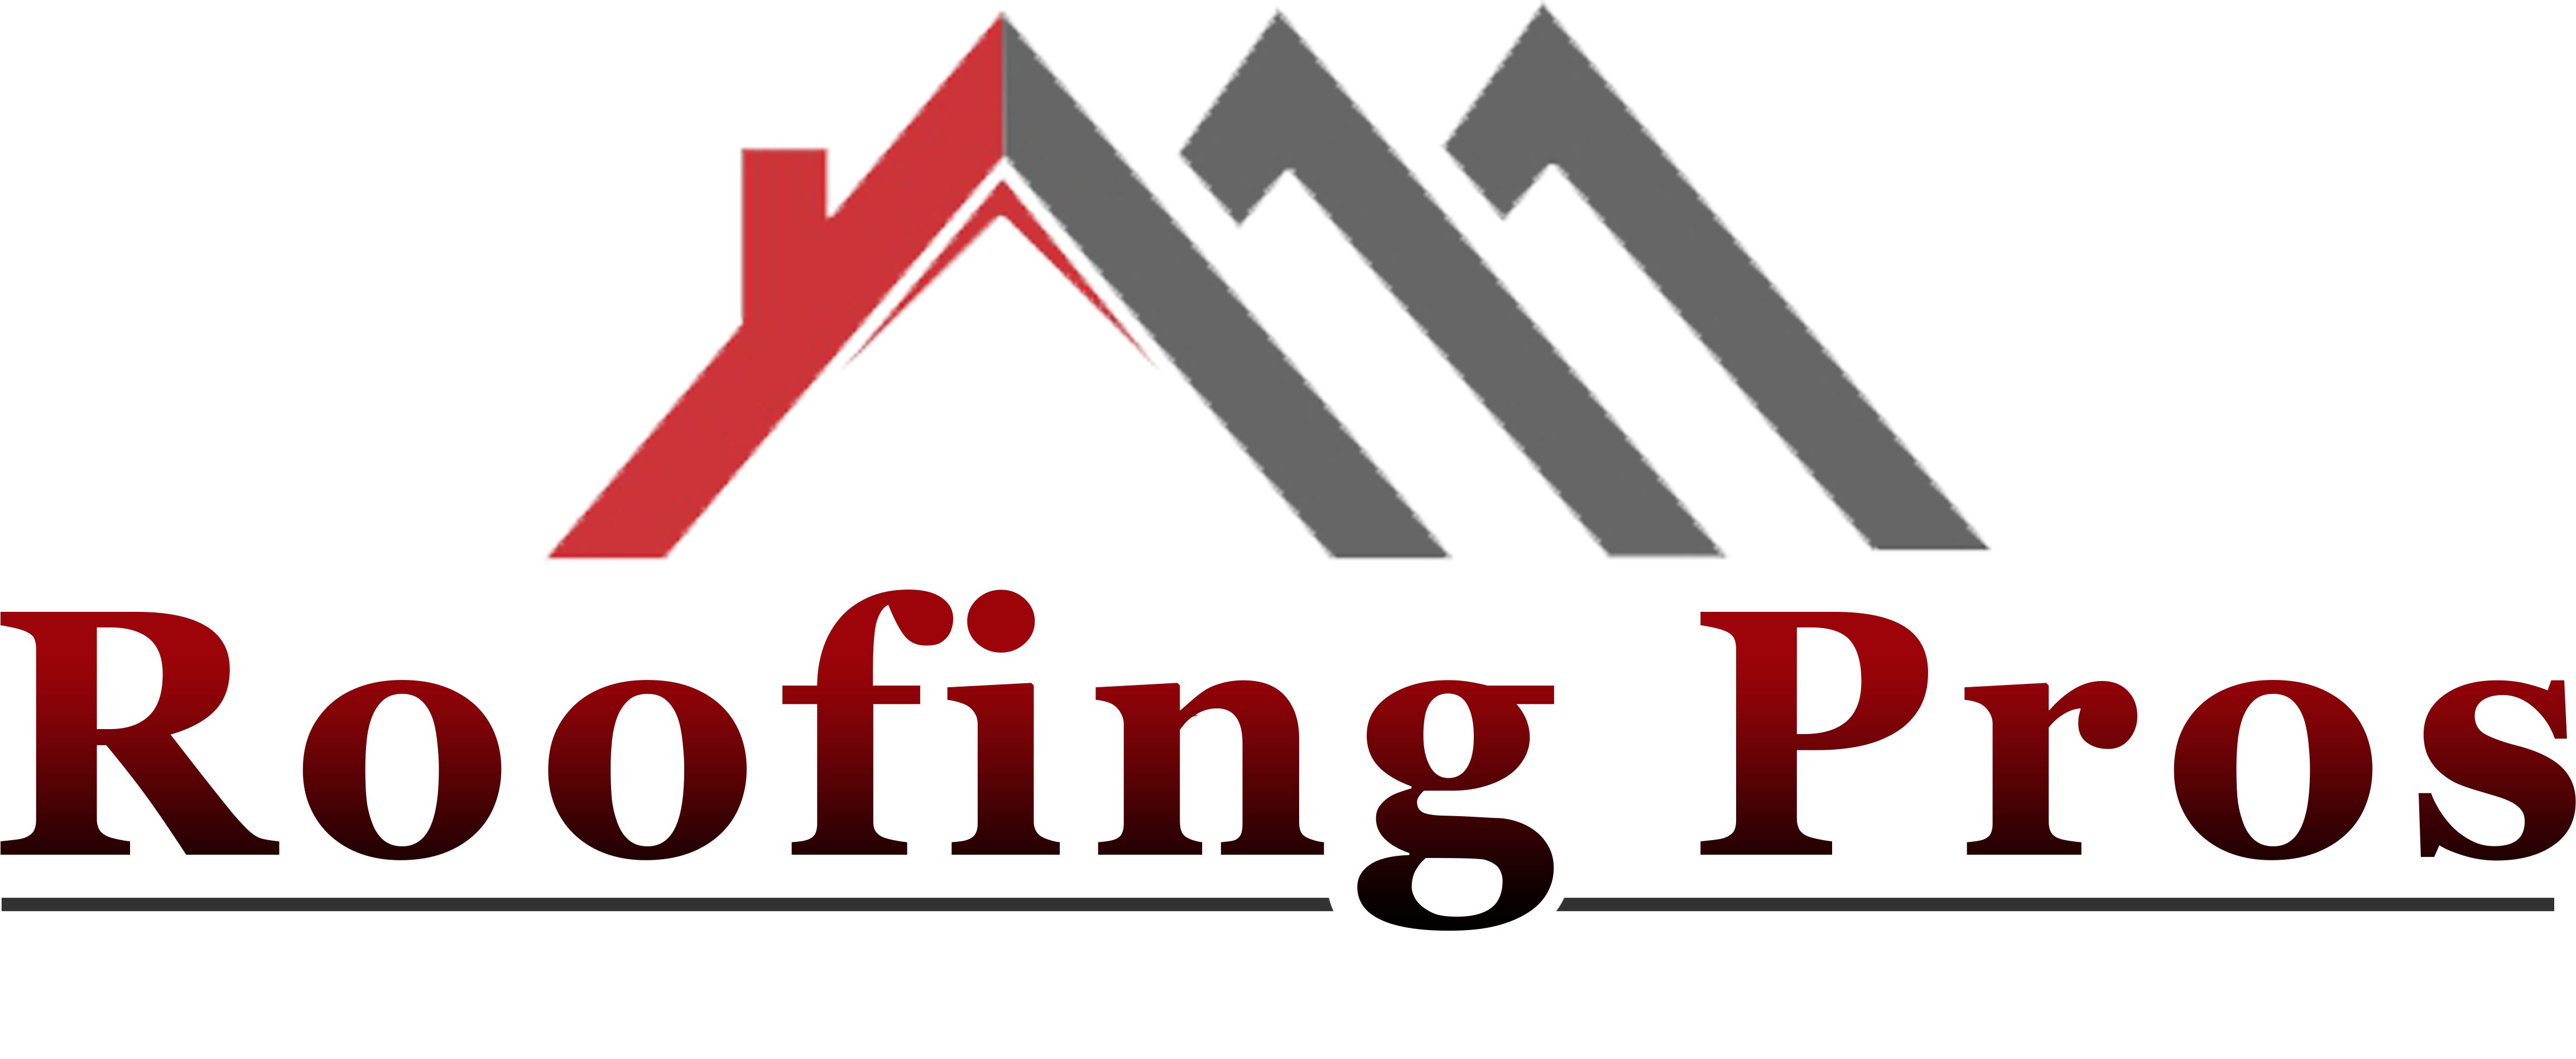 Amerus Roofing El Paso el paso roofing pros 7364 odell, el paso, tx 79934 - yp